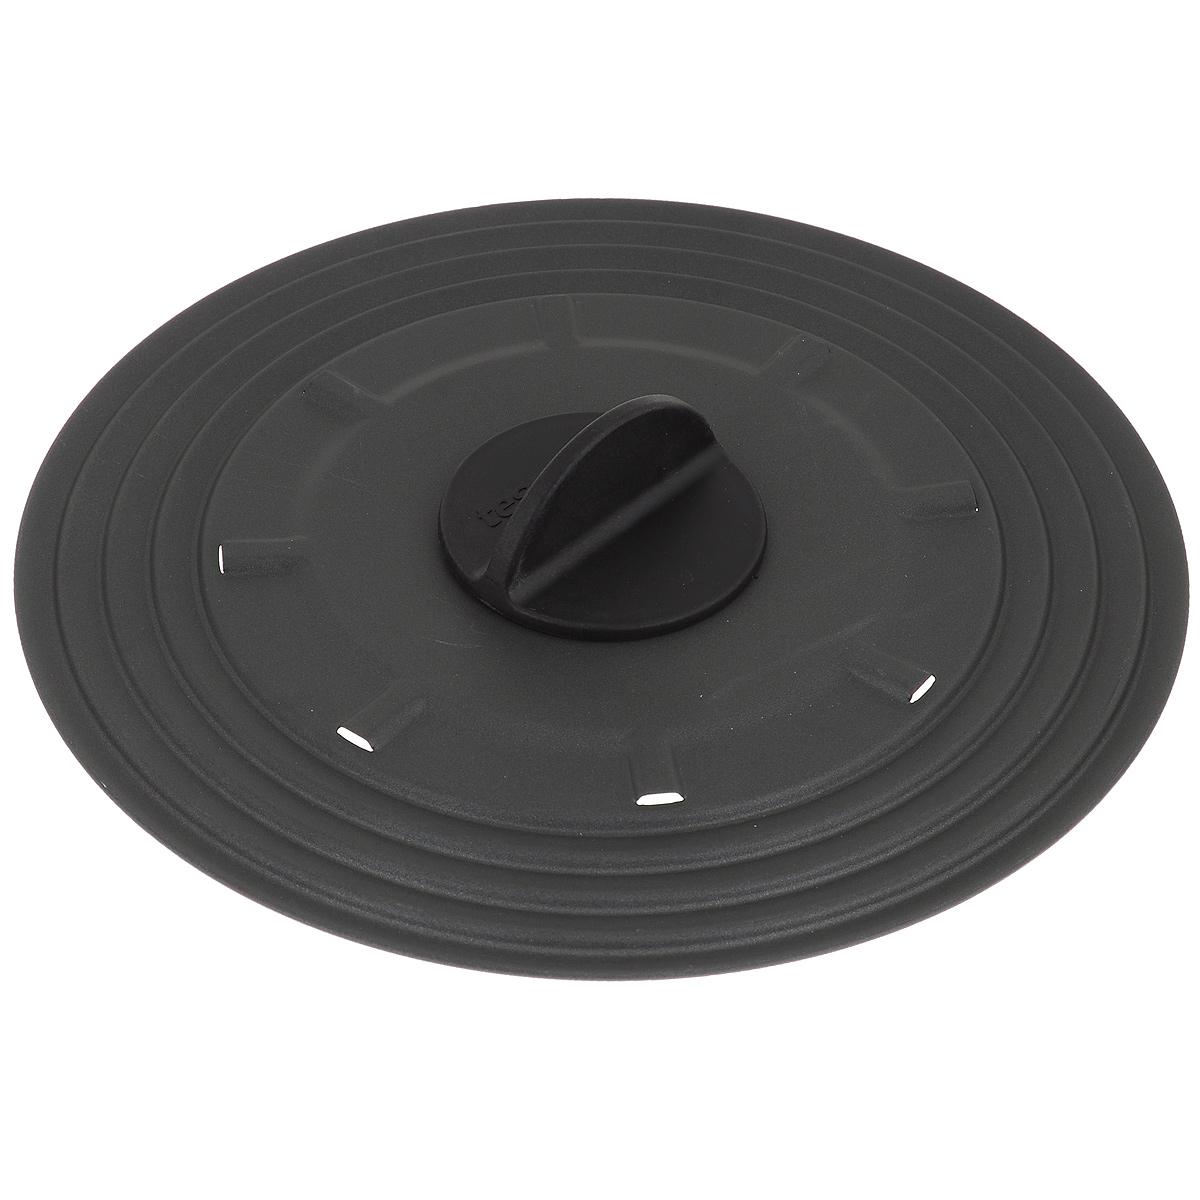 Крышка универсальная Tescoma Presto, для сковородок диаметром 20-24 см594952Крышка Tescoma Presto подходит в качестве универсальной крышки к сковородам диаметром 20-24 см. Изготовлена из огнеупорного нейлона с высококачественным антипригарным покрытием для легкой очистки. Имеет несколько отверстий для выхода пара. Ручка не нагревается. Можно мыть в посудомоечной машине.